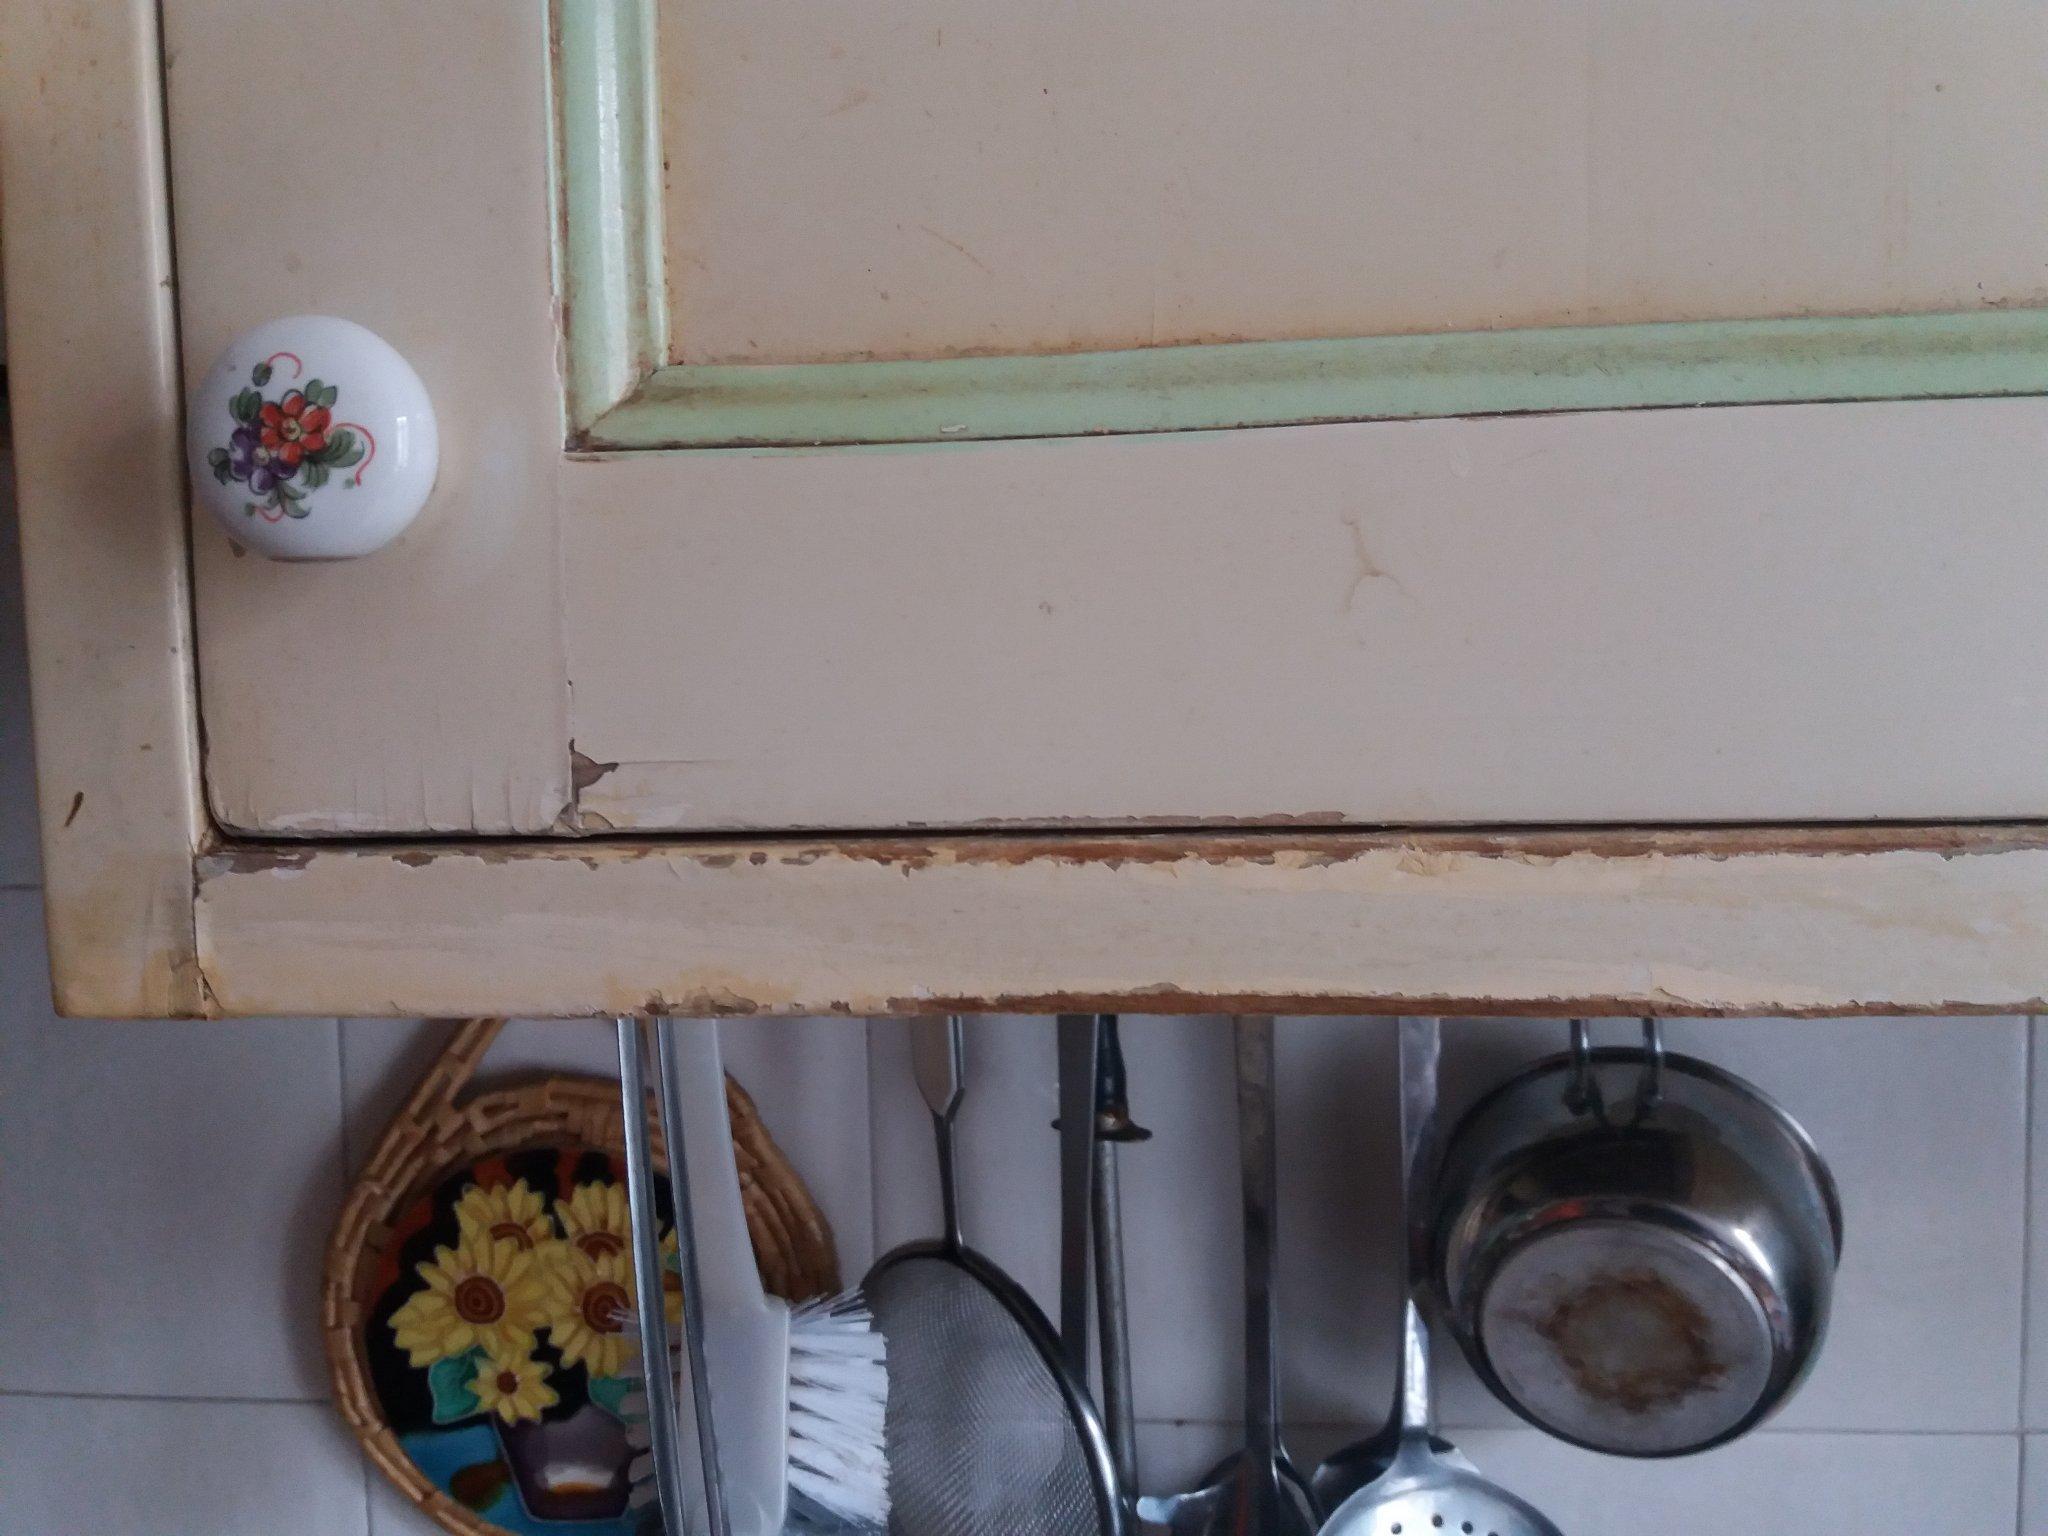 Dipingere Mobili Cucina Legno : Verniciare mobili cucina in legno verniciare mobili cucina fai